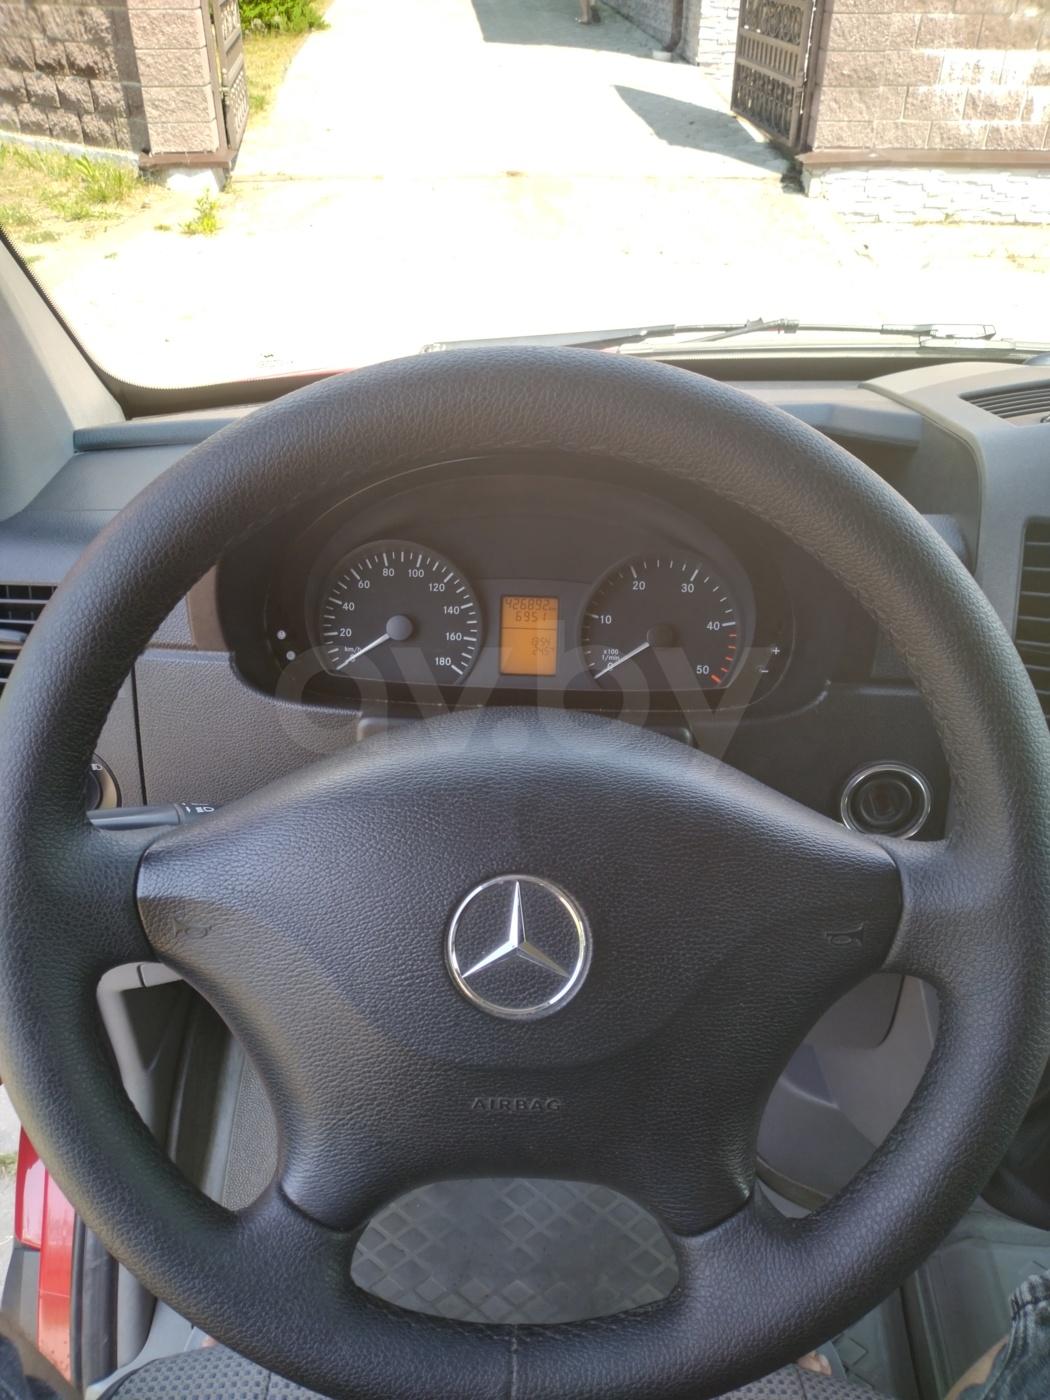 Mercedes-Benz Sprinter 311 cdi, 2007 г.